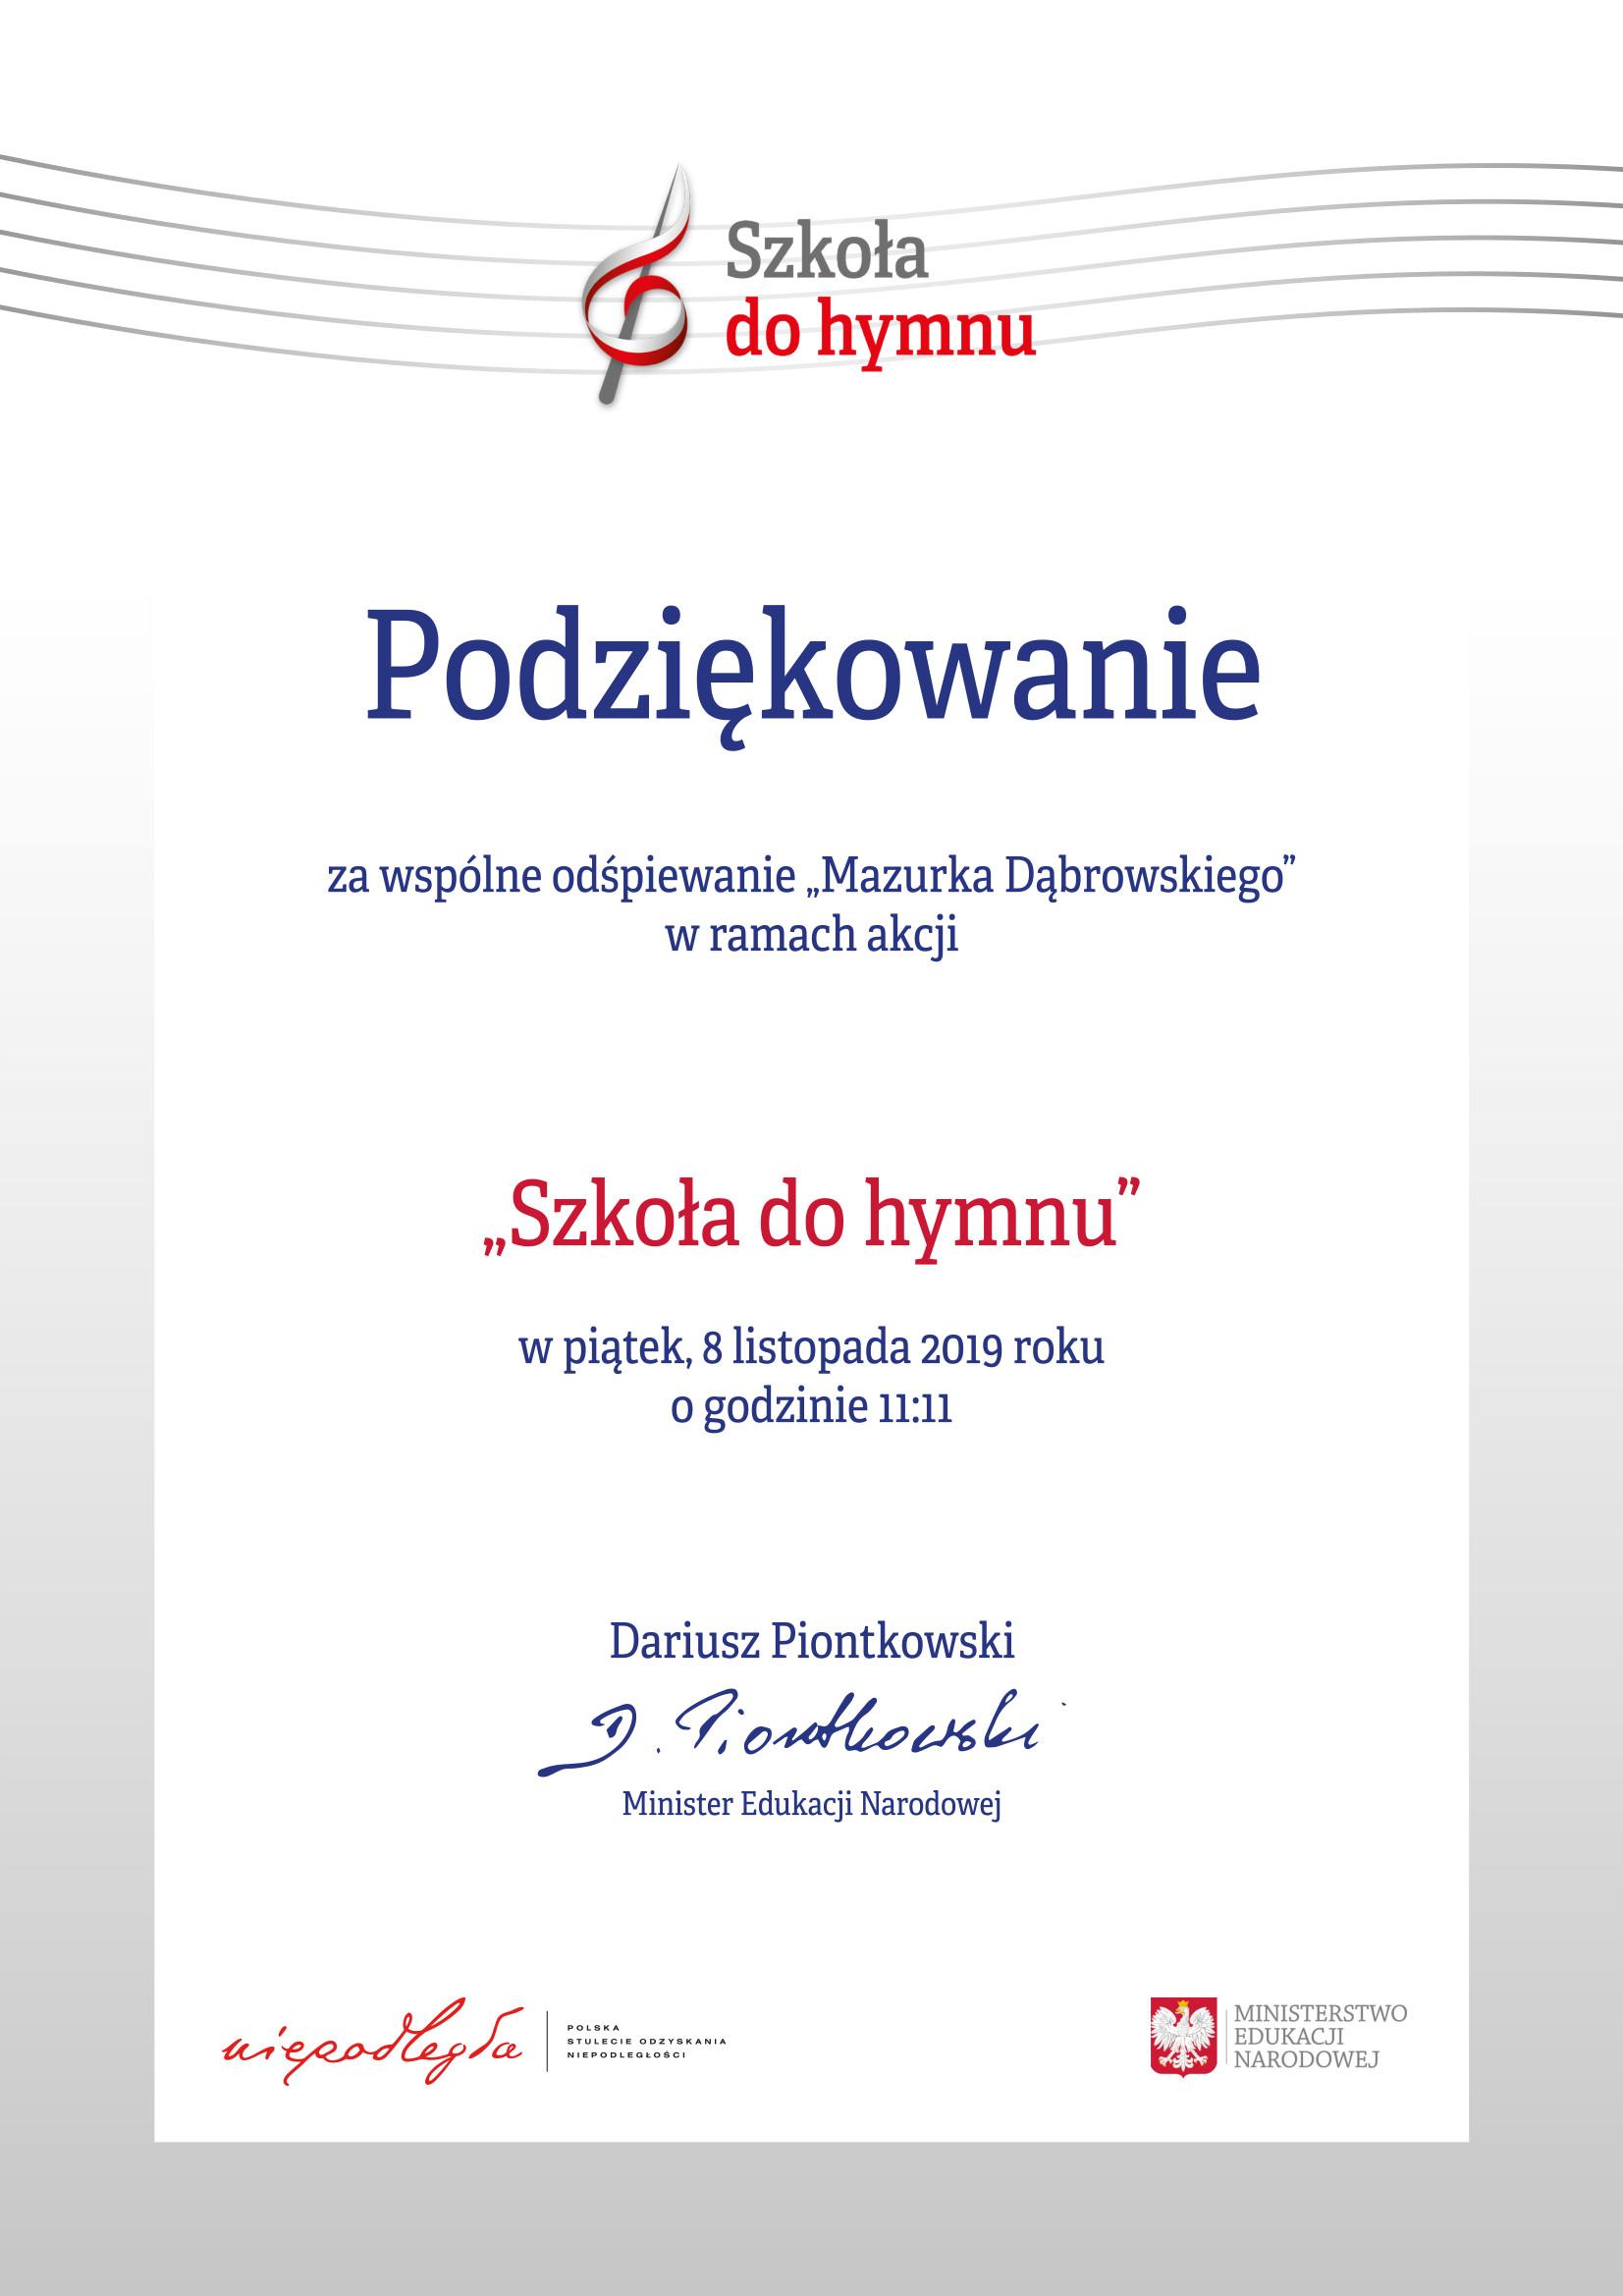 Dyplom-Szkoła-do-hymnu.jpg